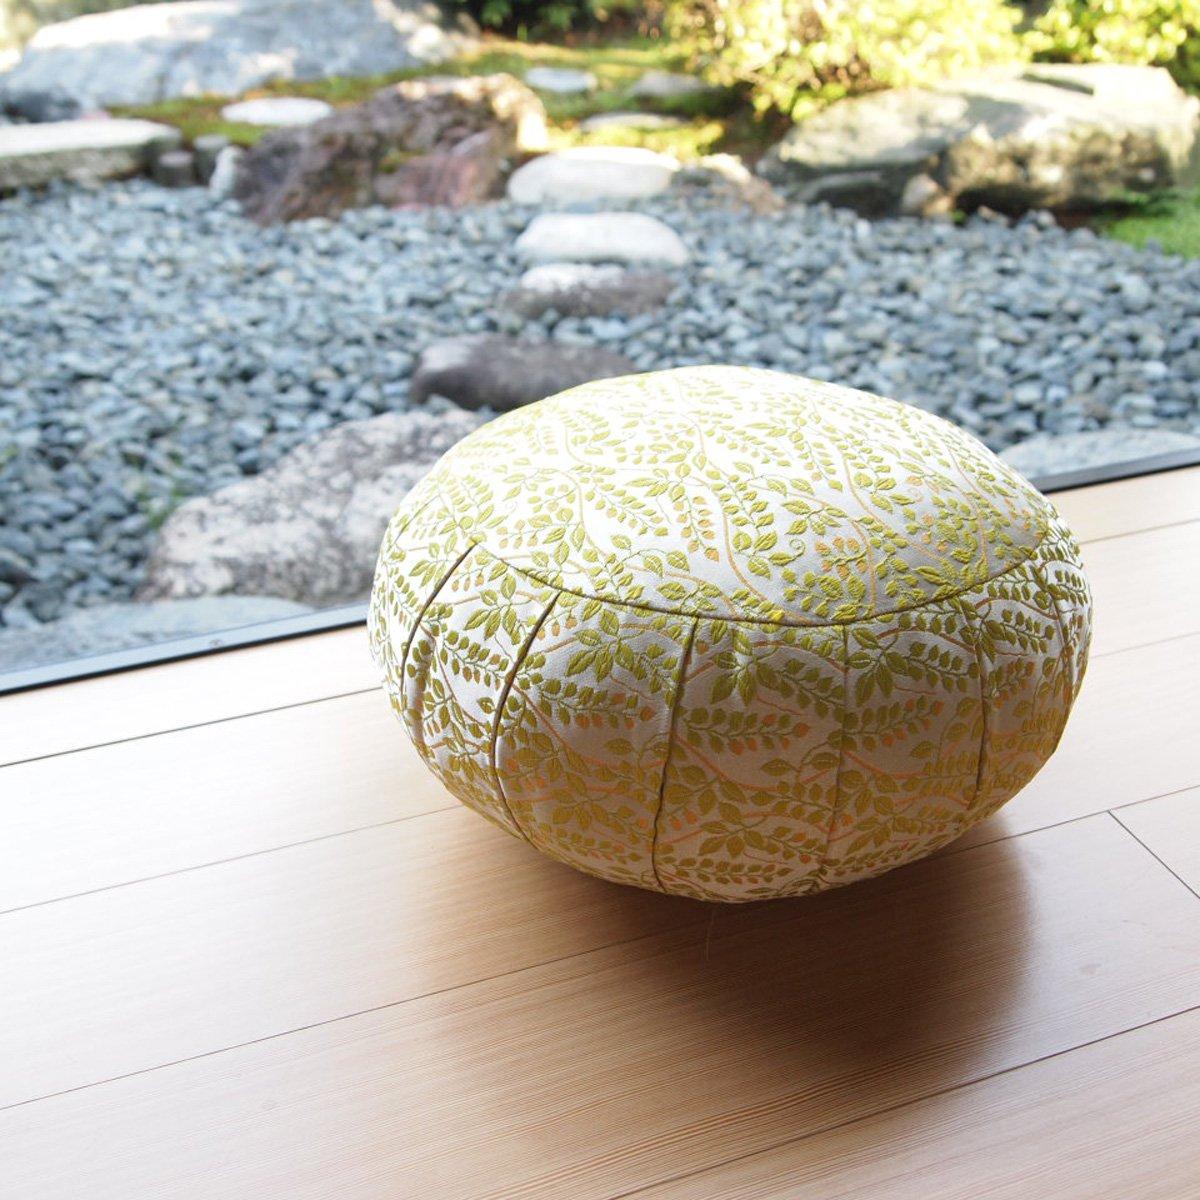 ヨガ座布団 yoga クッション(瞑想)座布座蒲座蒲座禅専用 座禅座布団 日本製 (33cm, ボタニカル 緑) B074HR5FYG 33cm|ボタニカル 緑 ボタニカル 緑 33cm